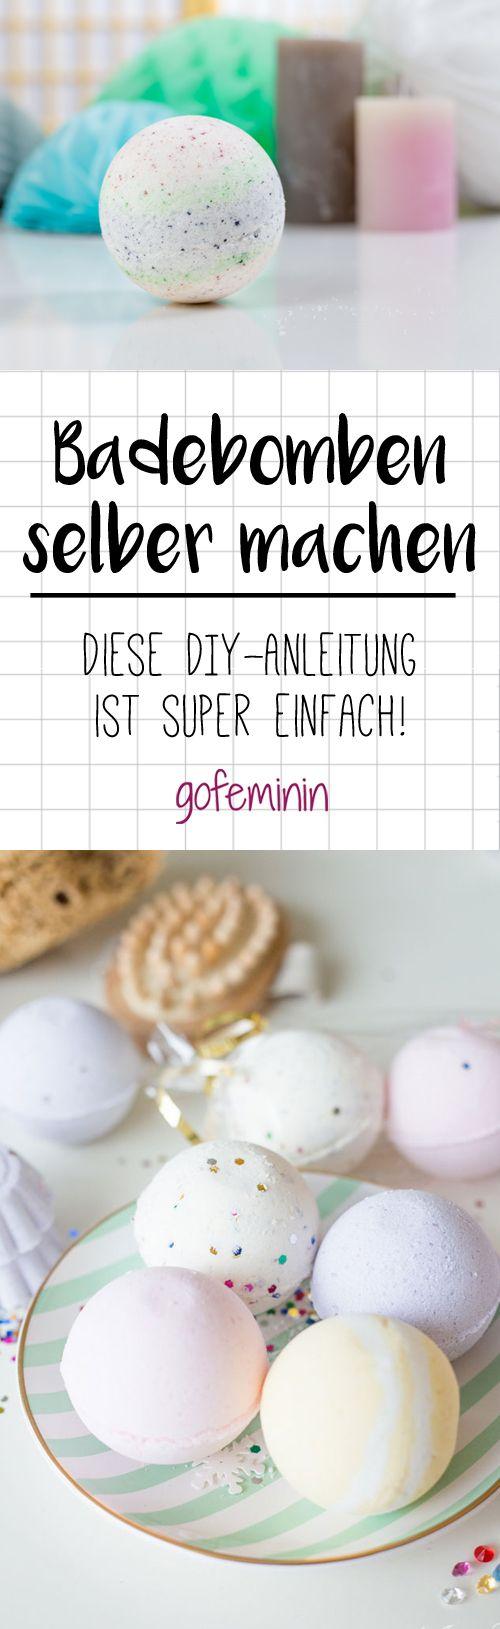 DIY Badebombe: Wir zeigen wie's schnell und einfach geht! – gofeminin.de